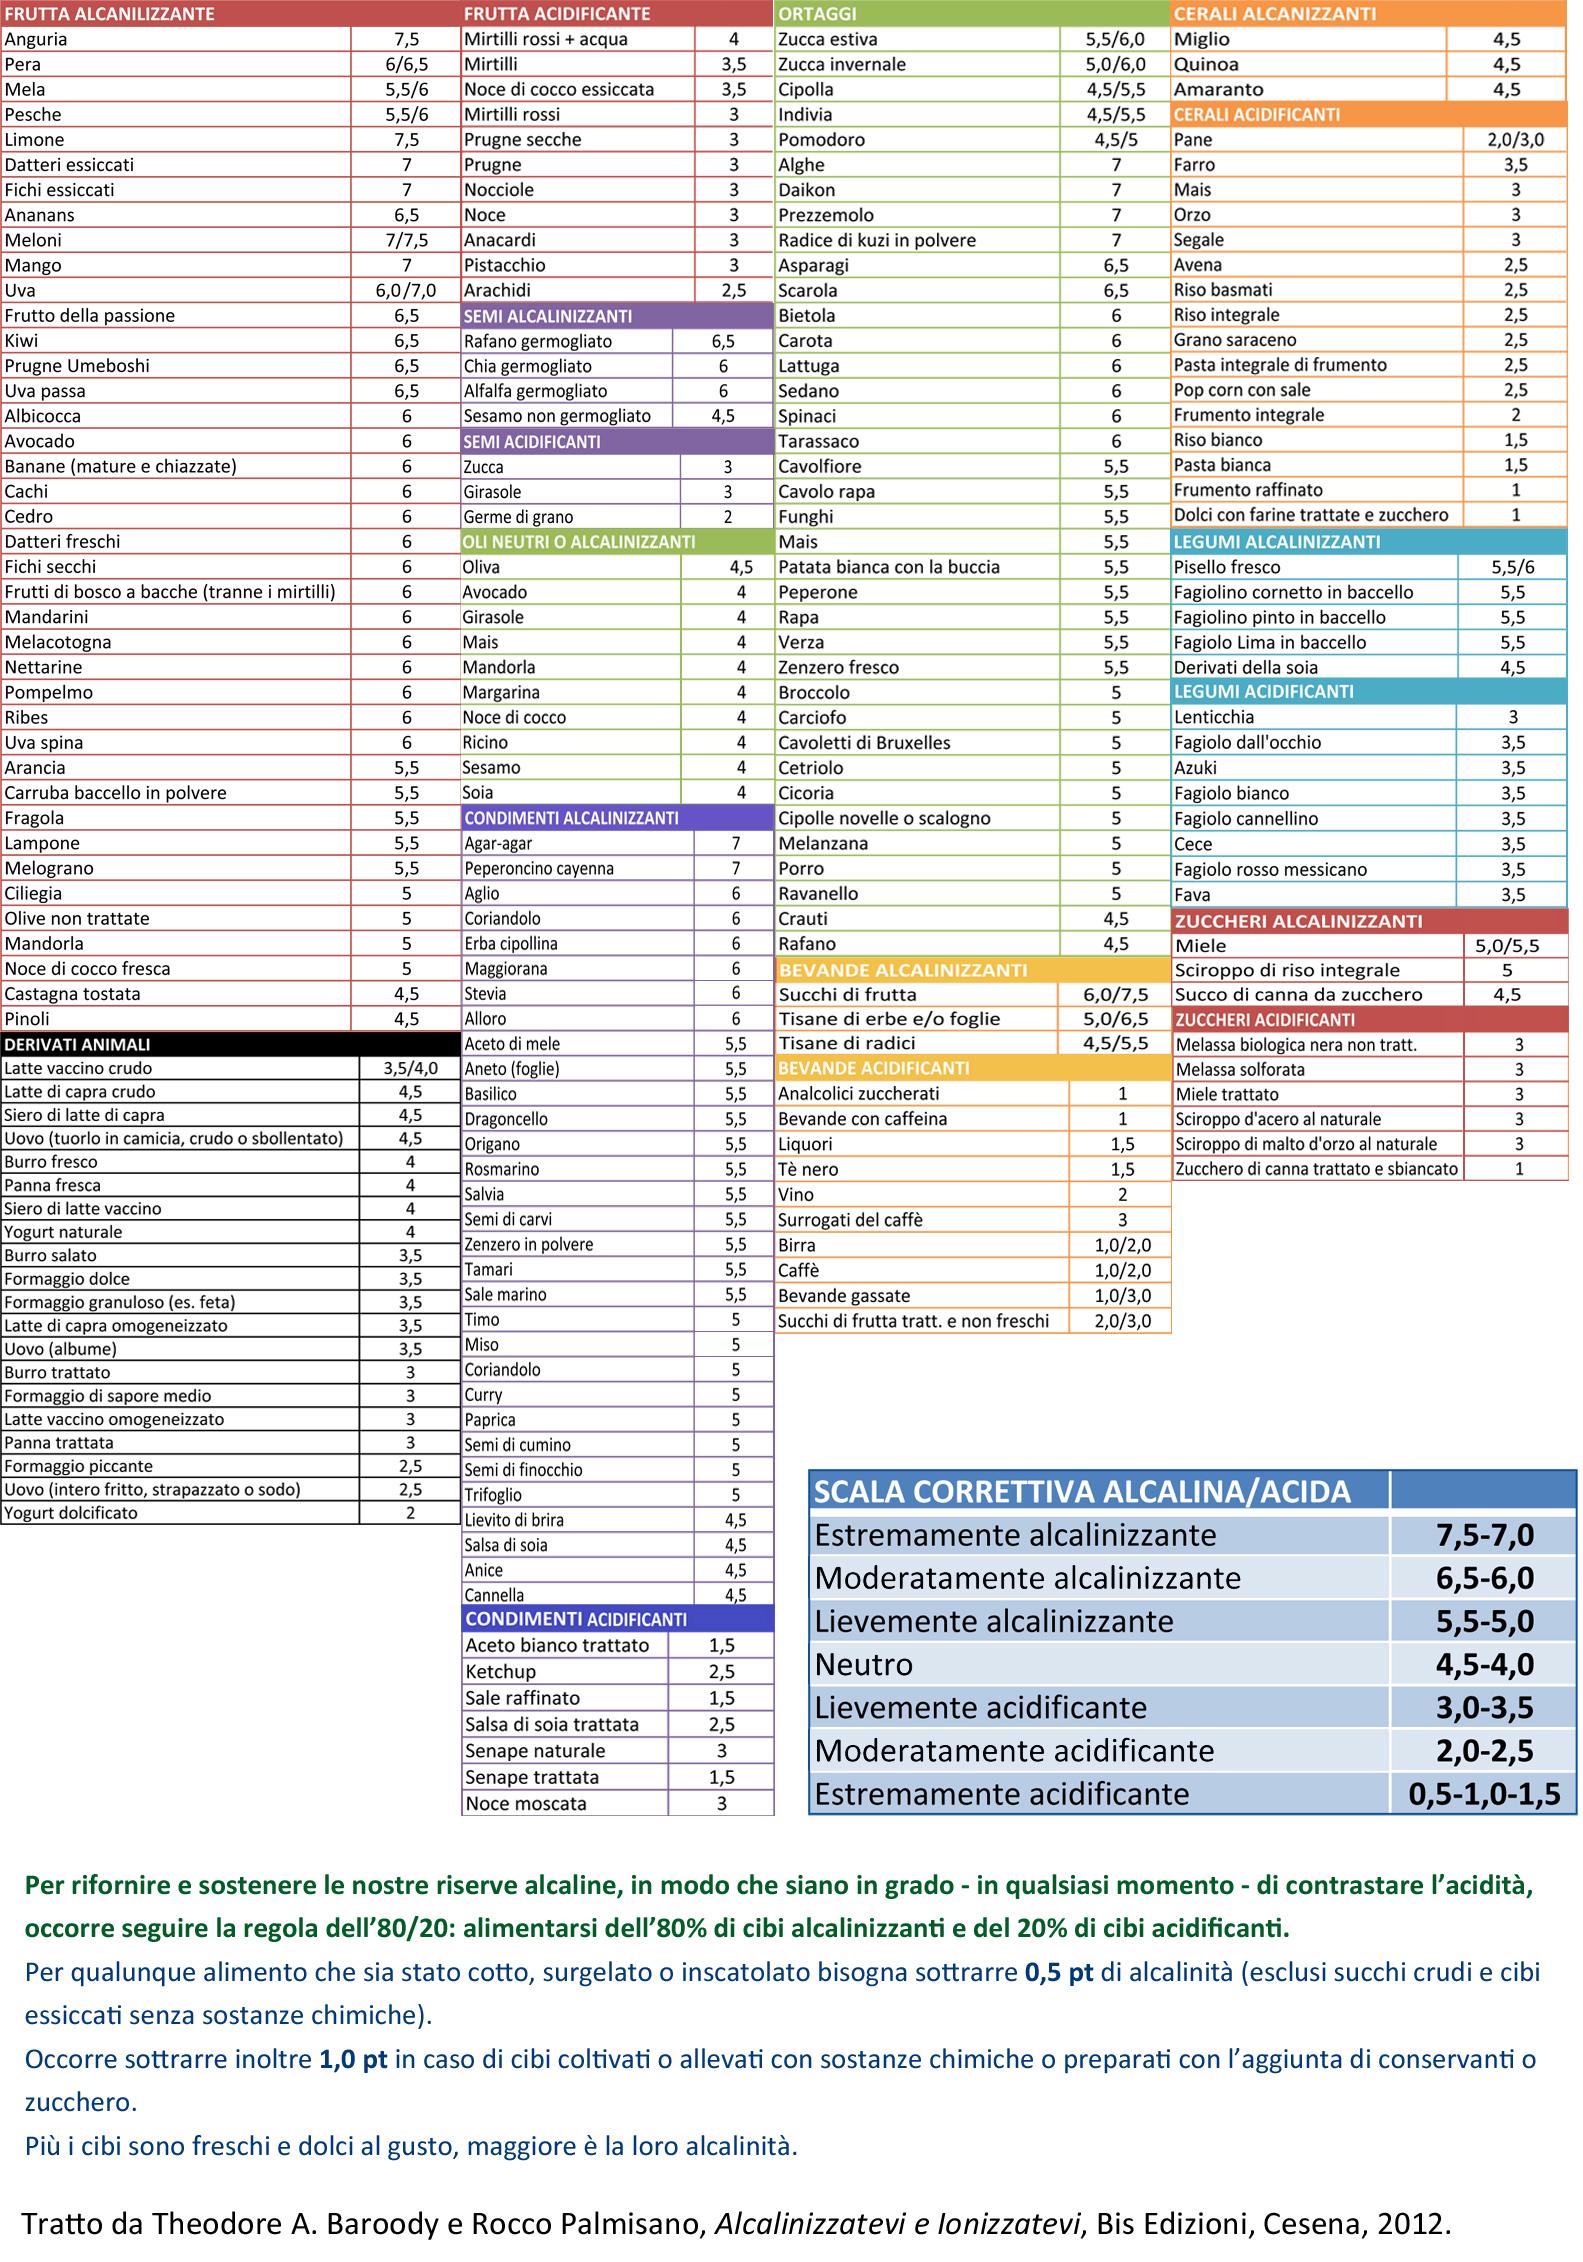 Acido Citrico Dosi Alimentari gusto del proibitoverità svelate: una guida per scoprire